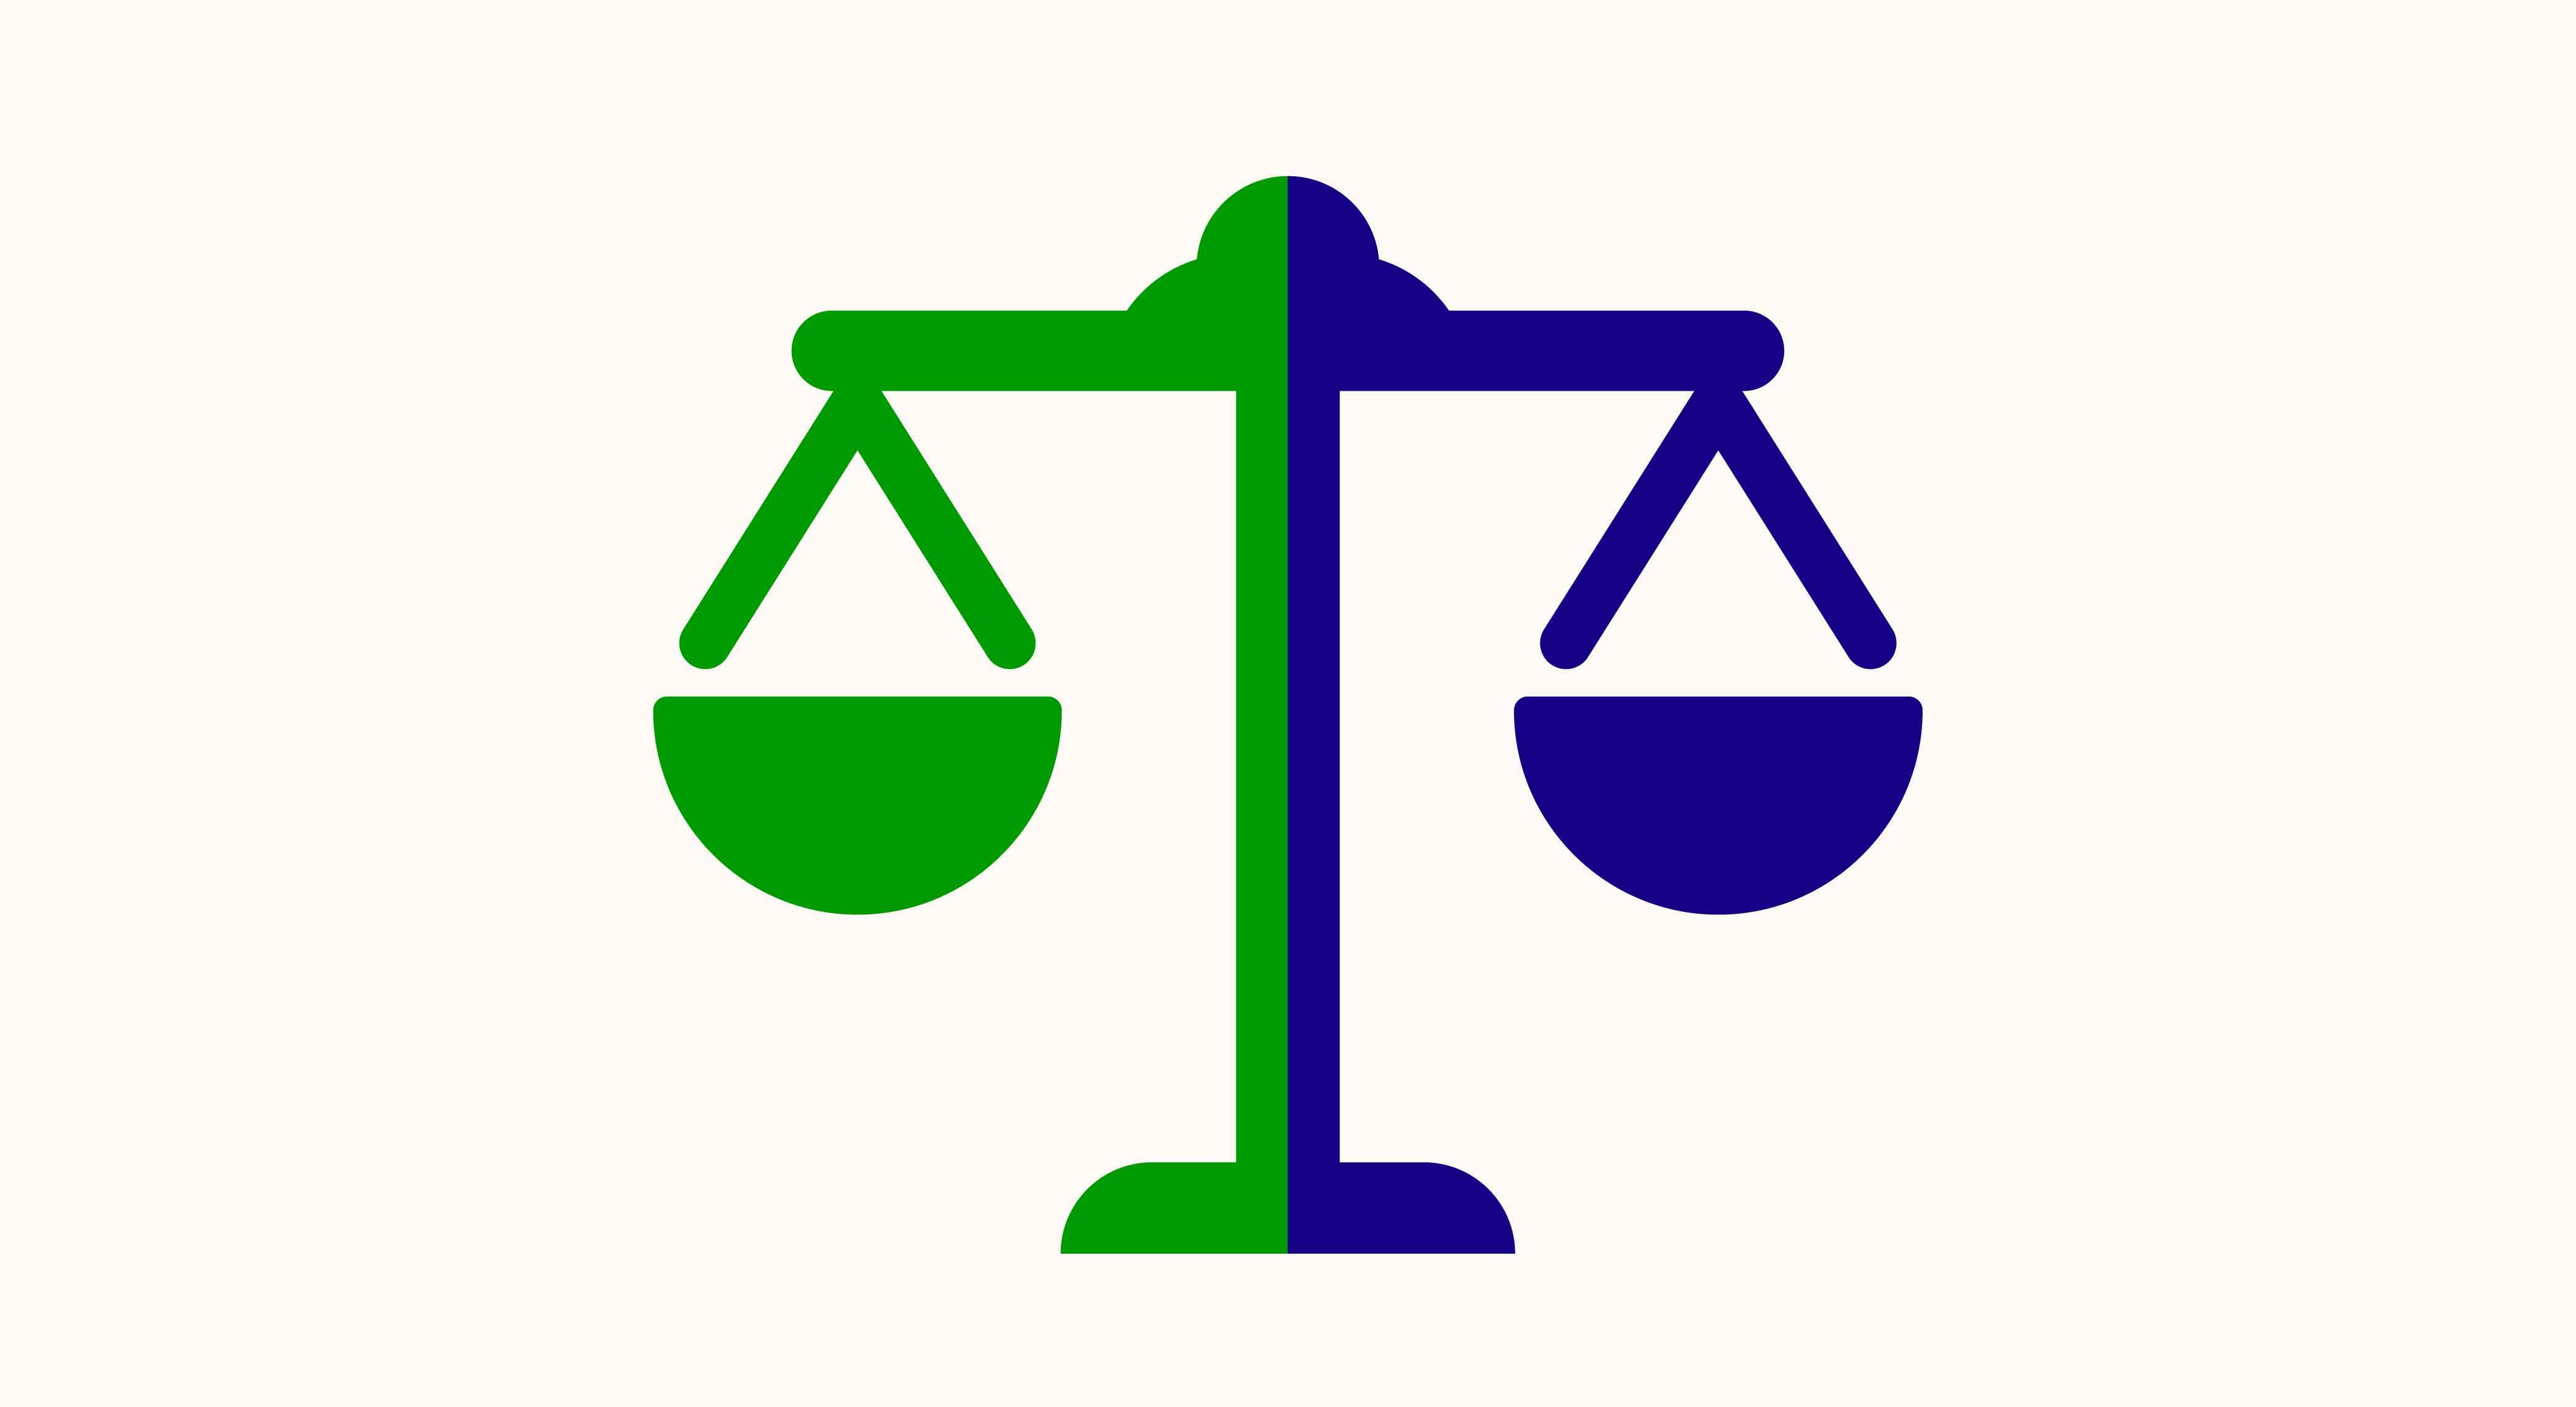 在民眾眼中,法院往往被染上政治色彩。這是錯誤的偏見、抑或是真實情形?就用客觀的實證研究來驗證。圖說設計│黃楷元、張語辰